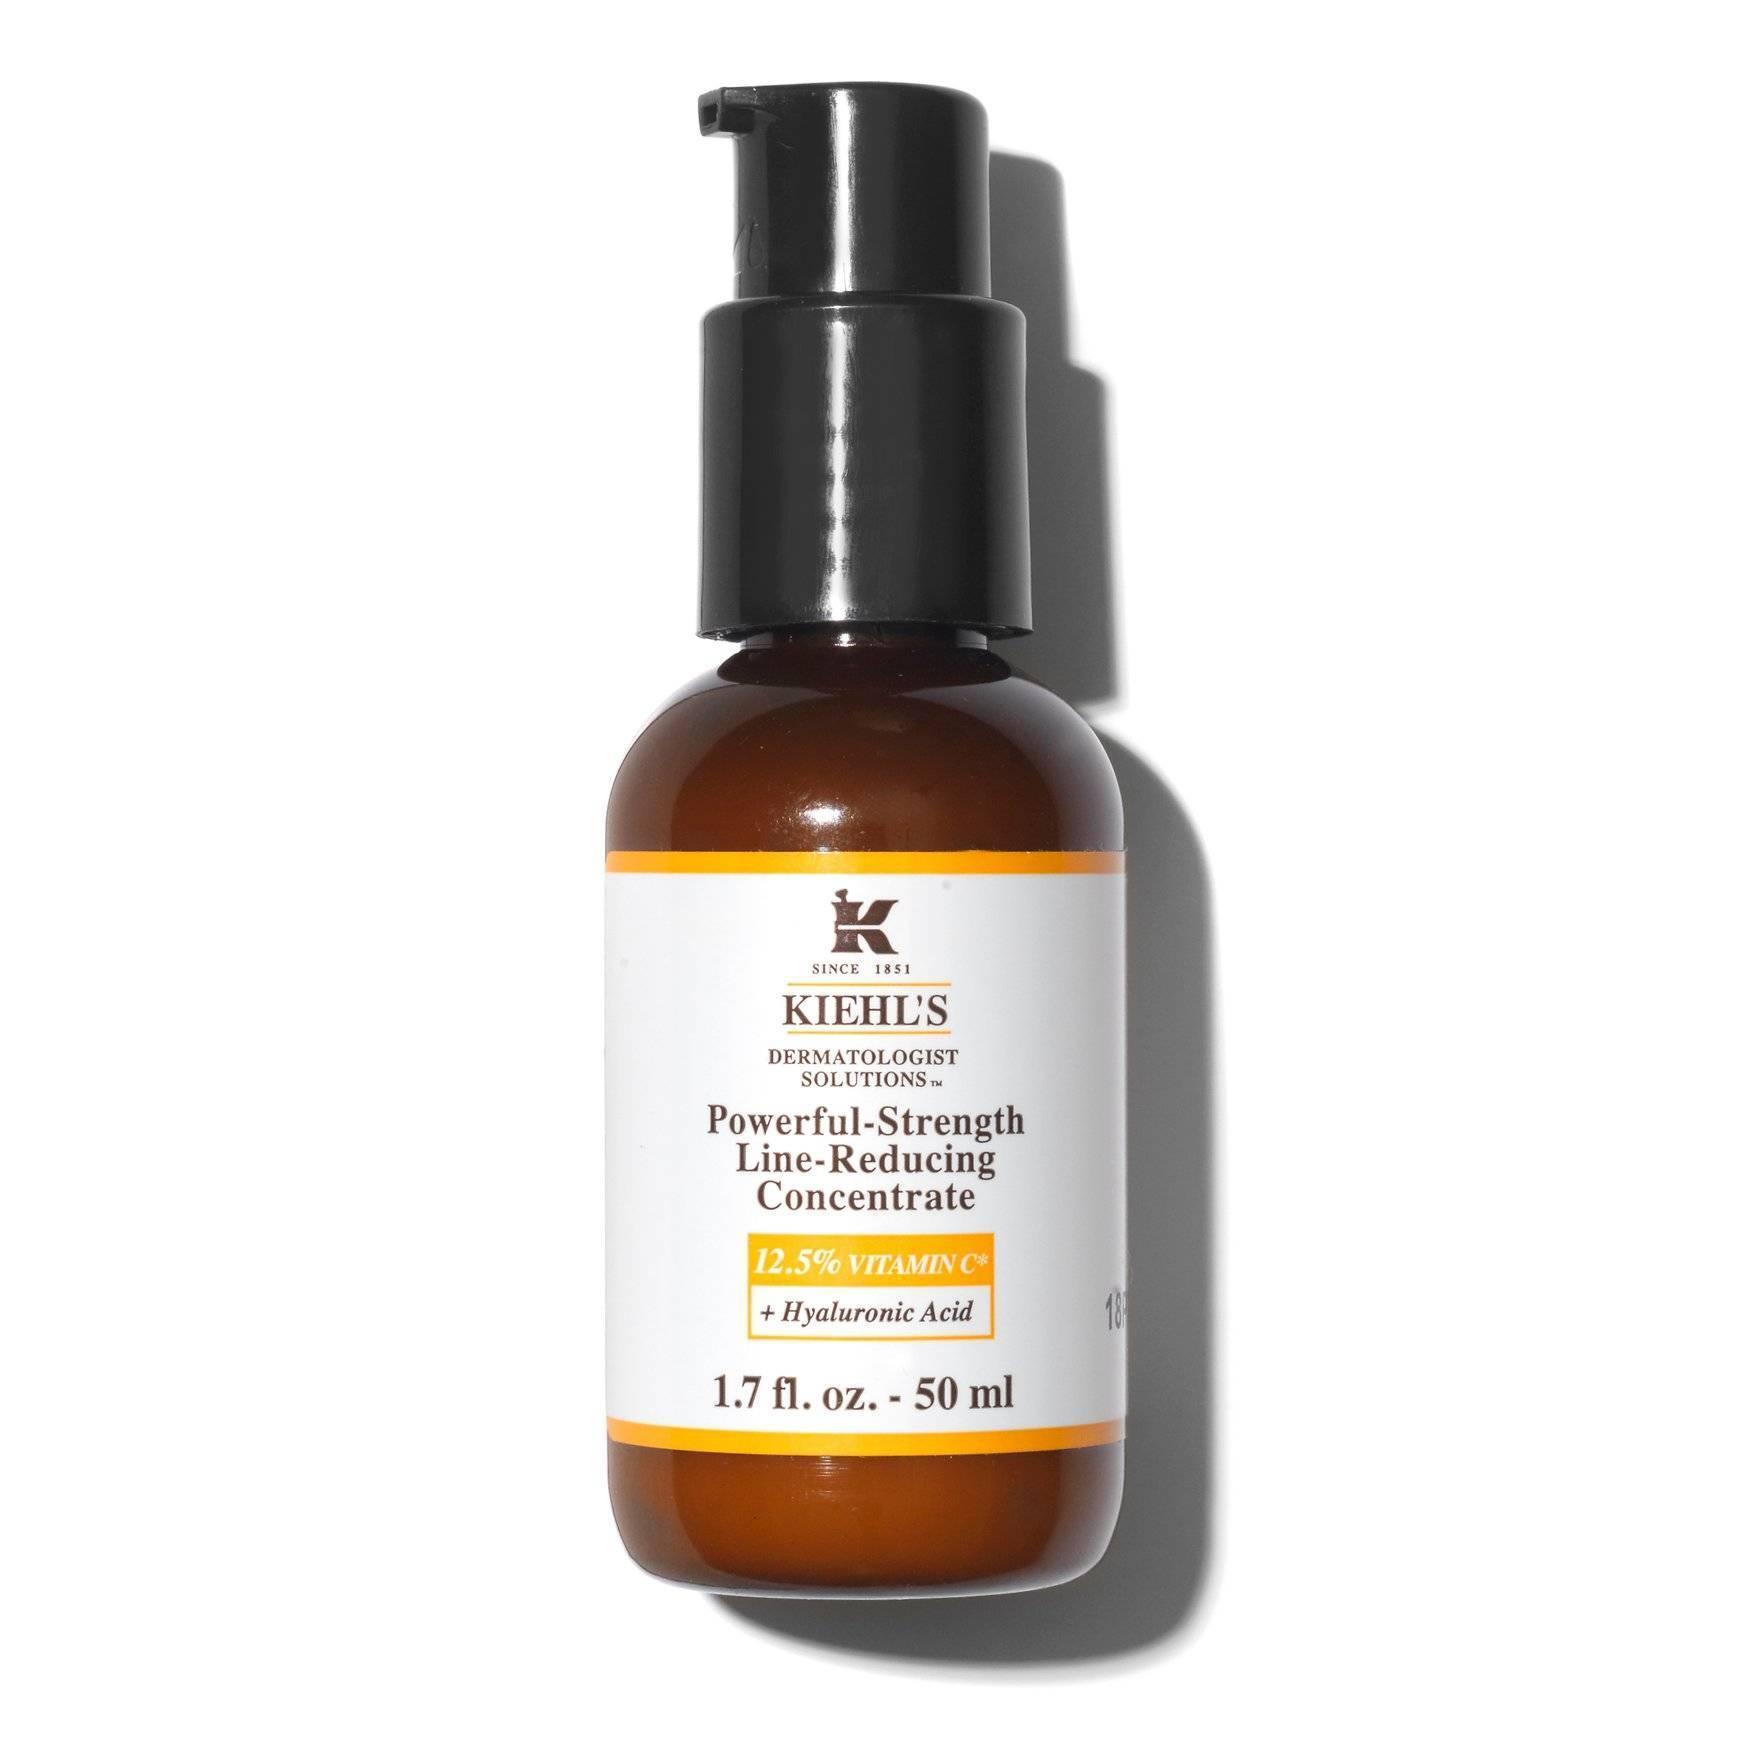 vitaminc-serum-antiaging-kiehls-sephora